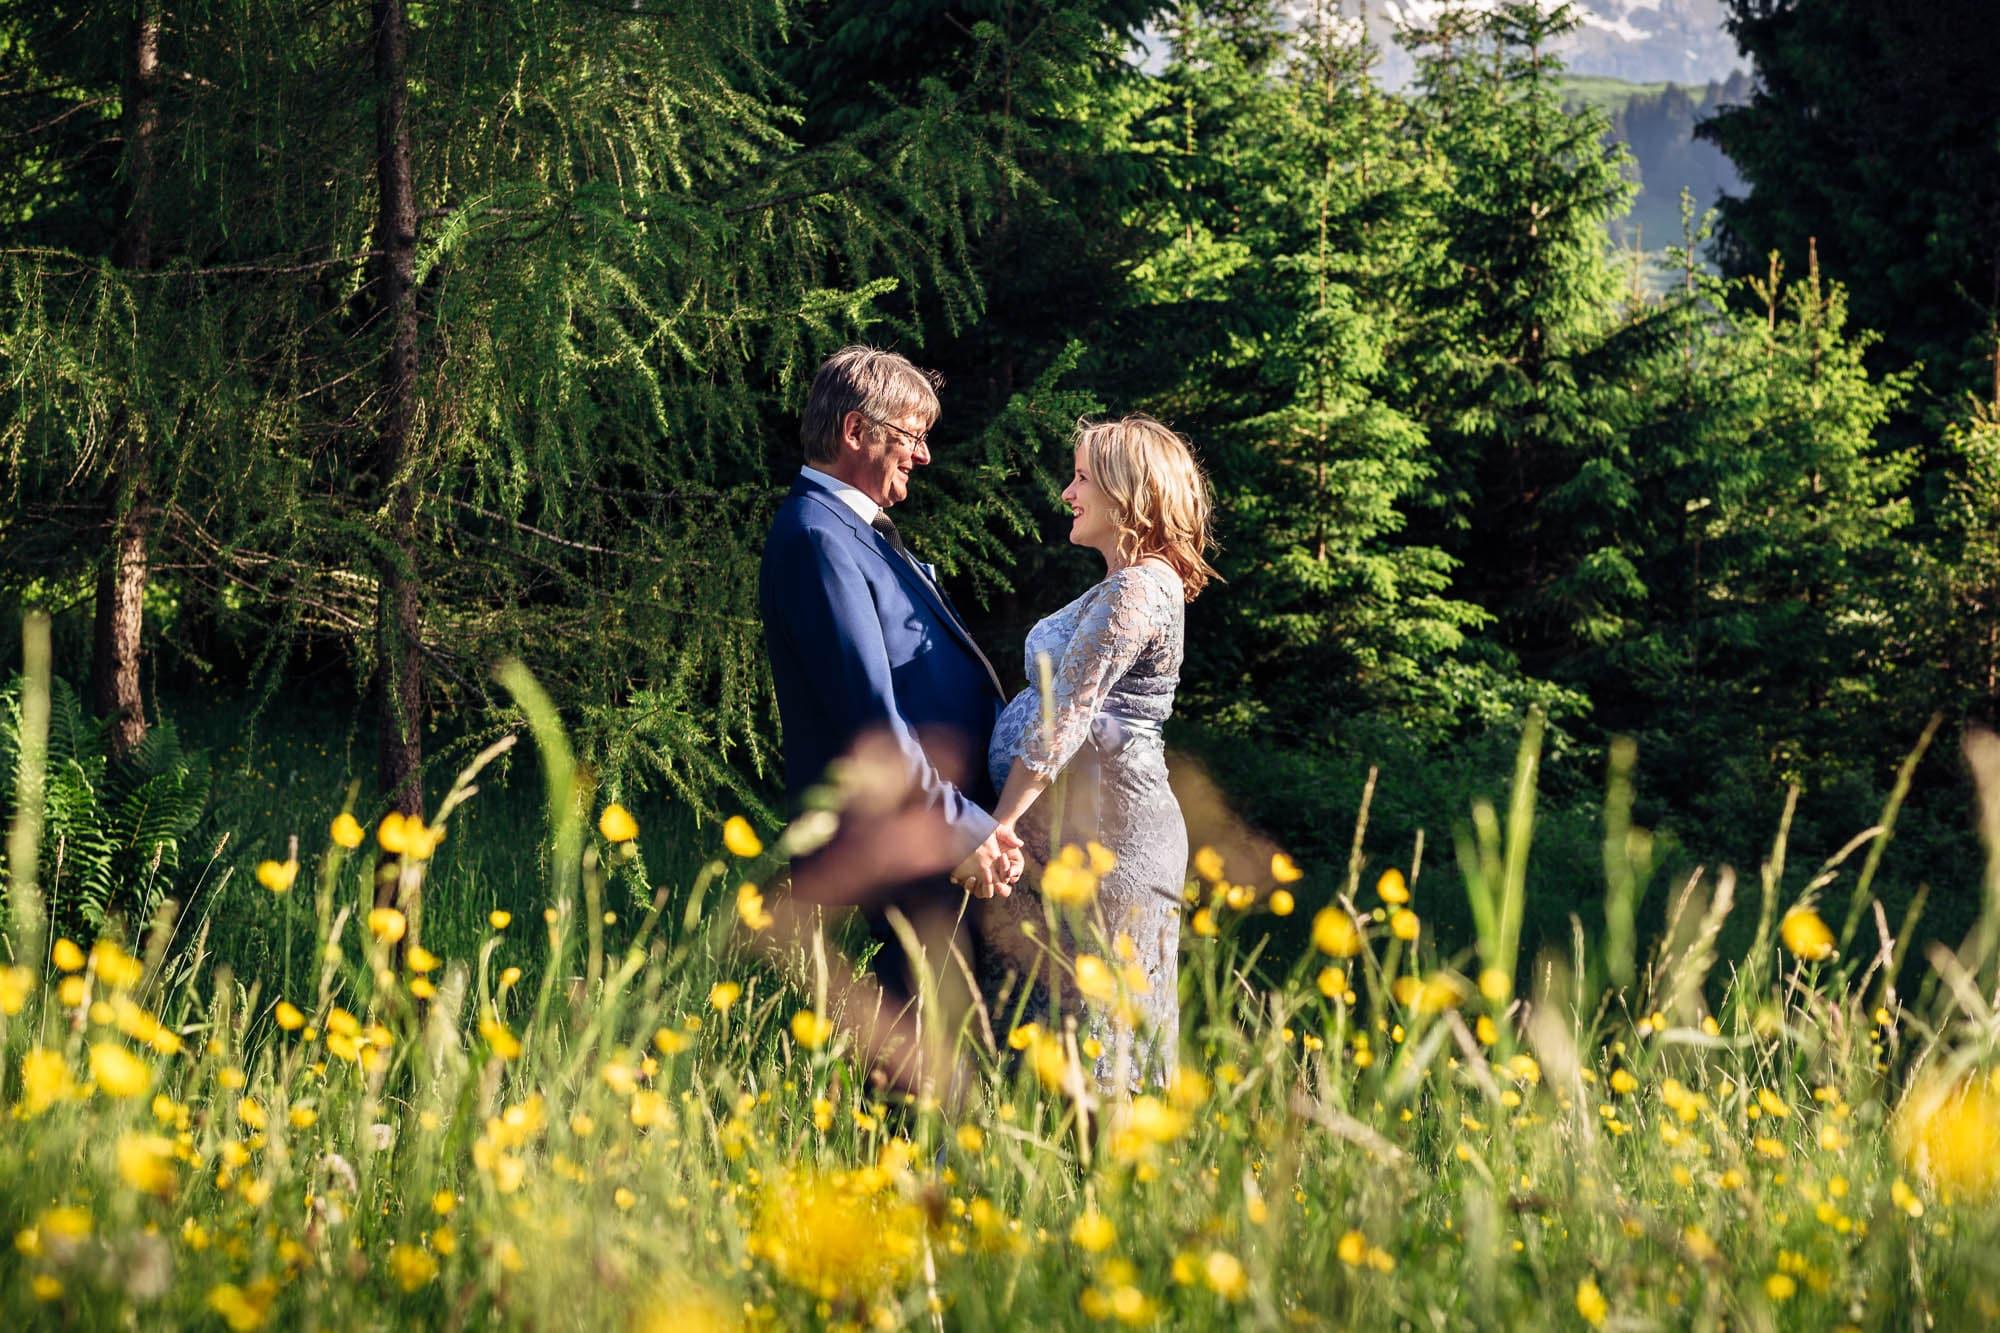 Zivilhochzeit von Bianca und Gualtiero in Appenzell und St. Gallen vom 10. Juni 2016.